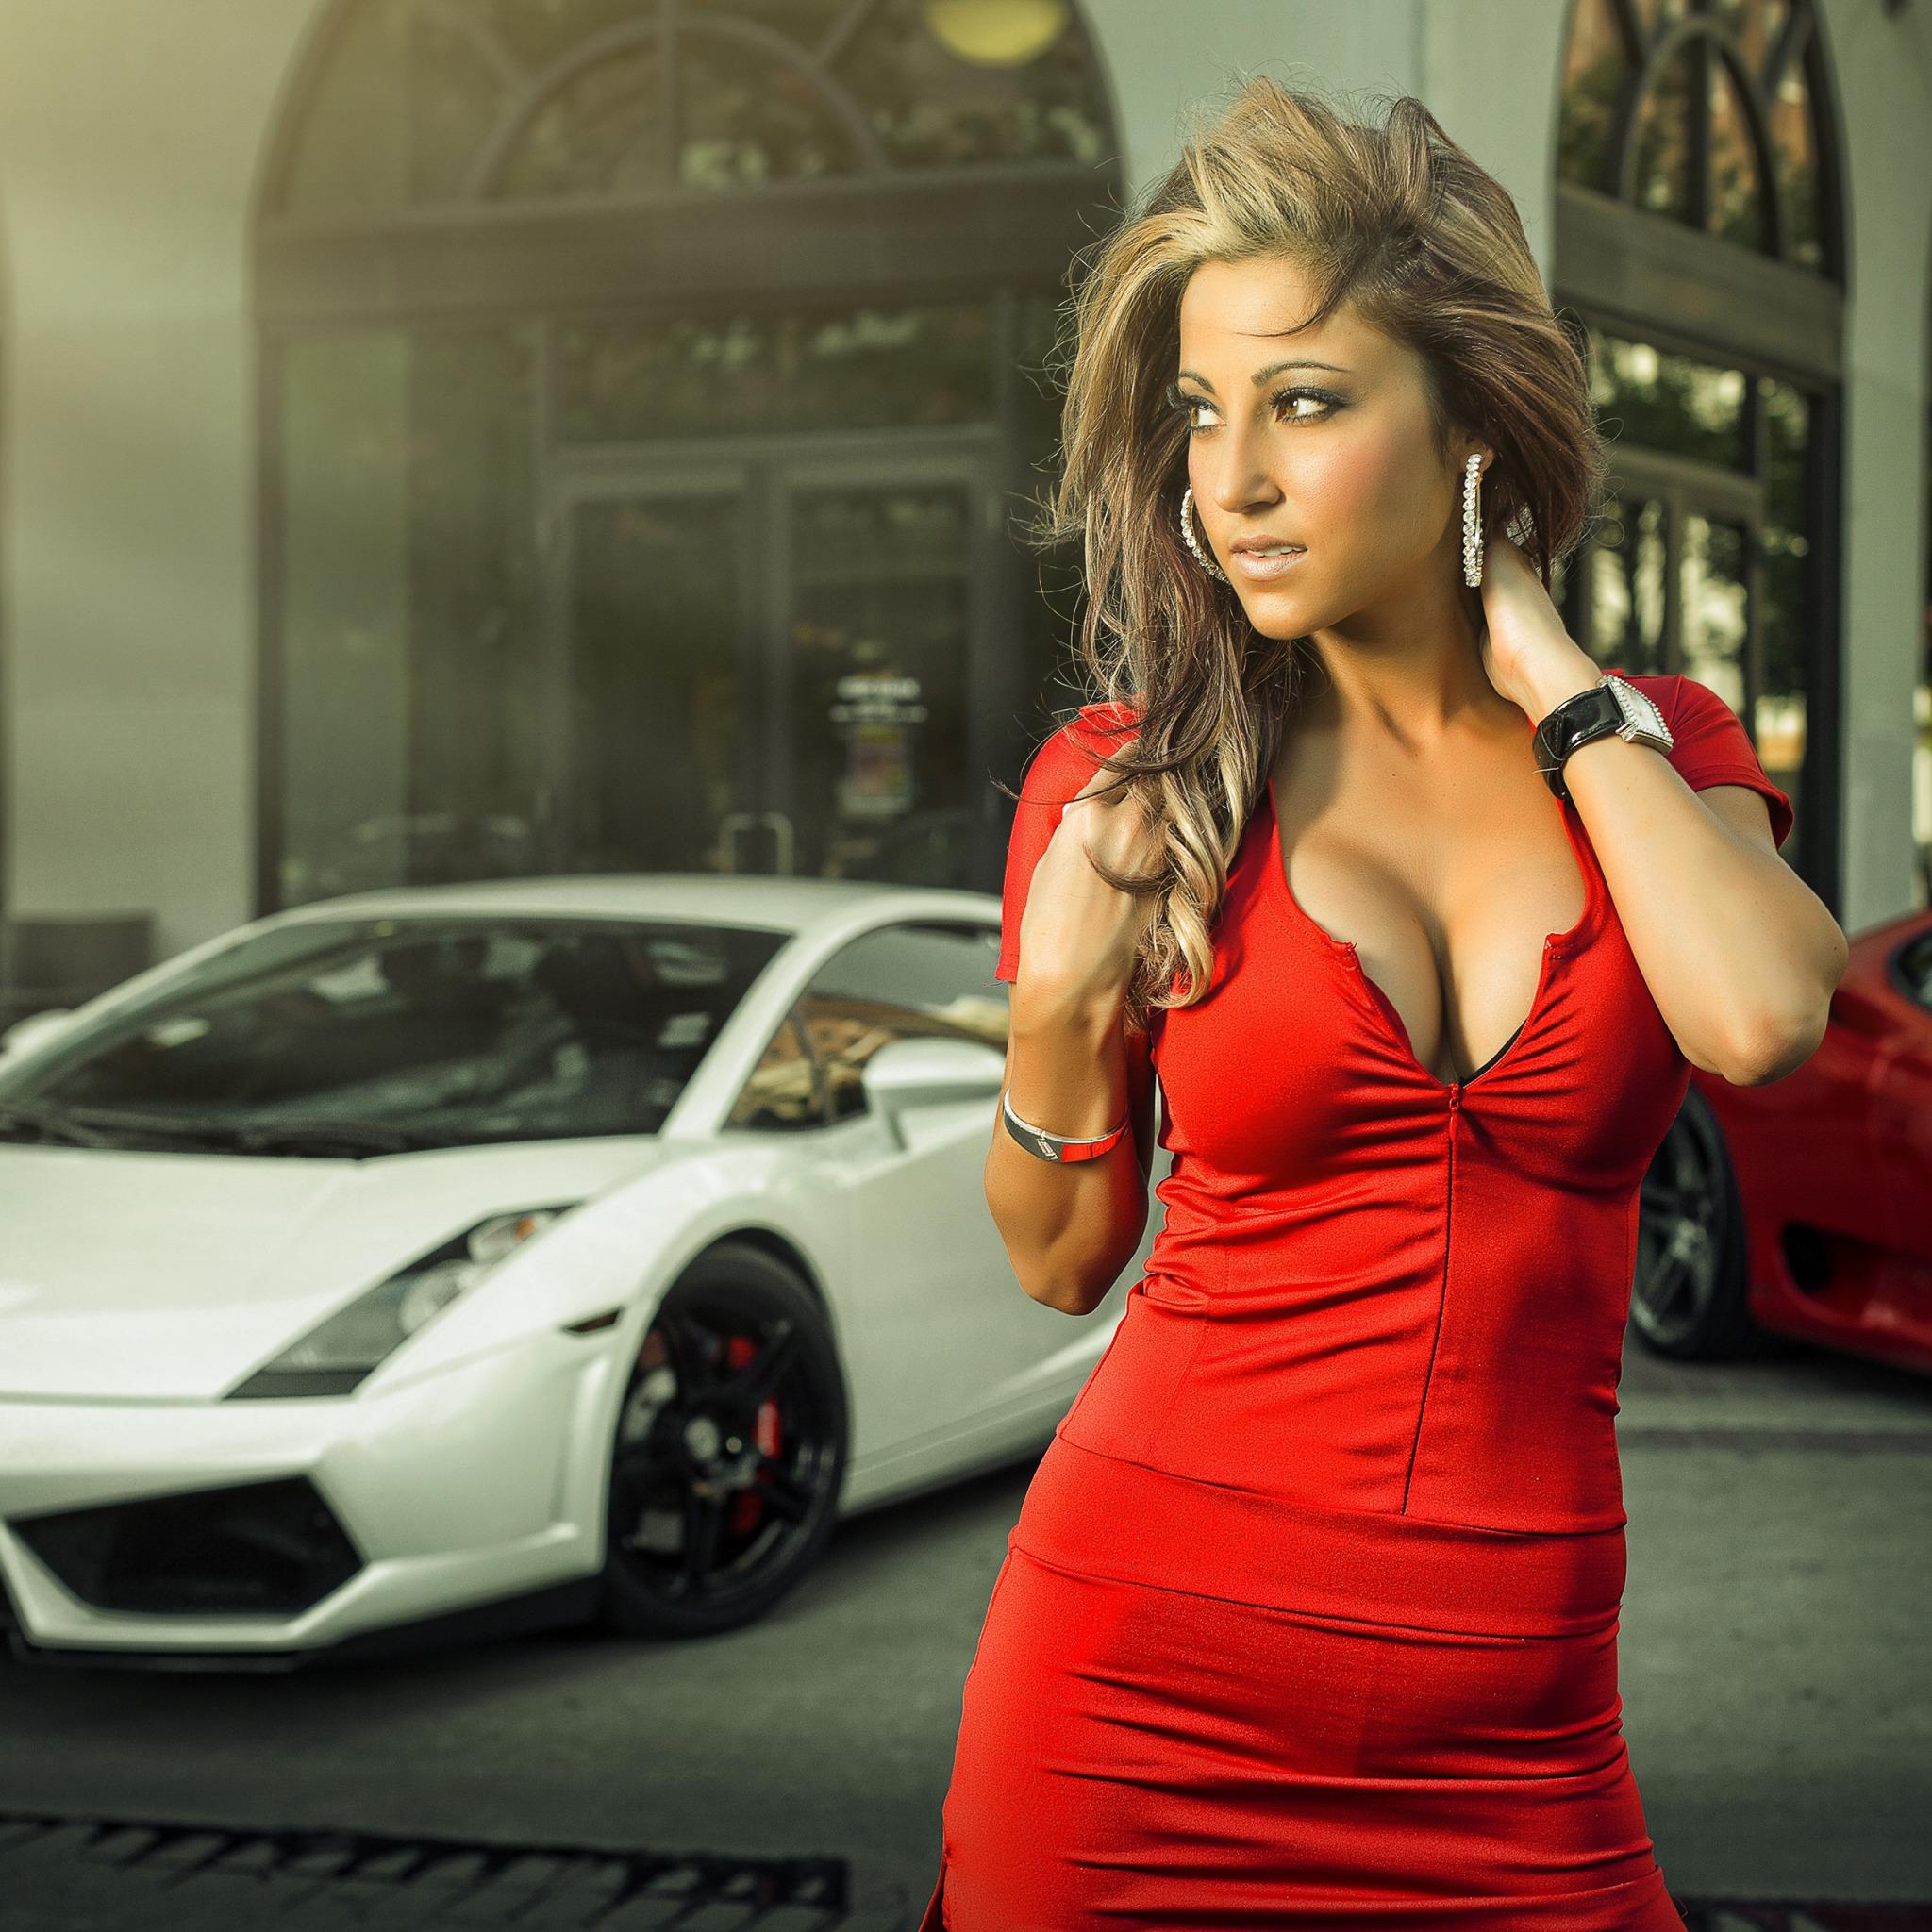 Медосмотре красивые девки и авто фото форумов новосибирской